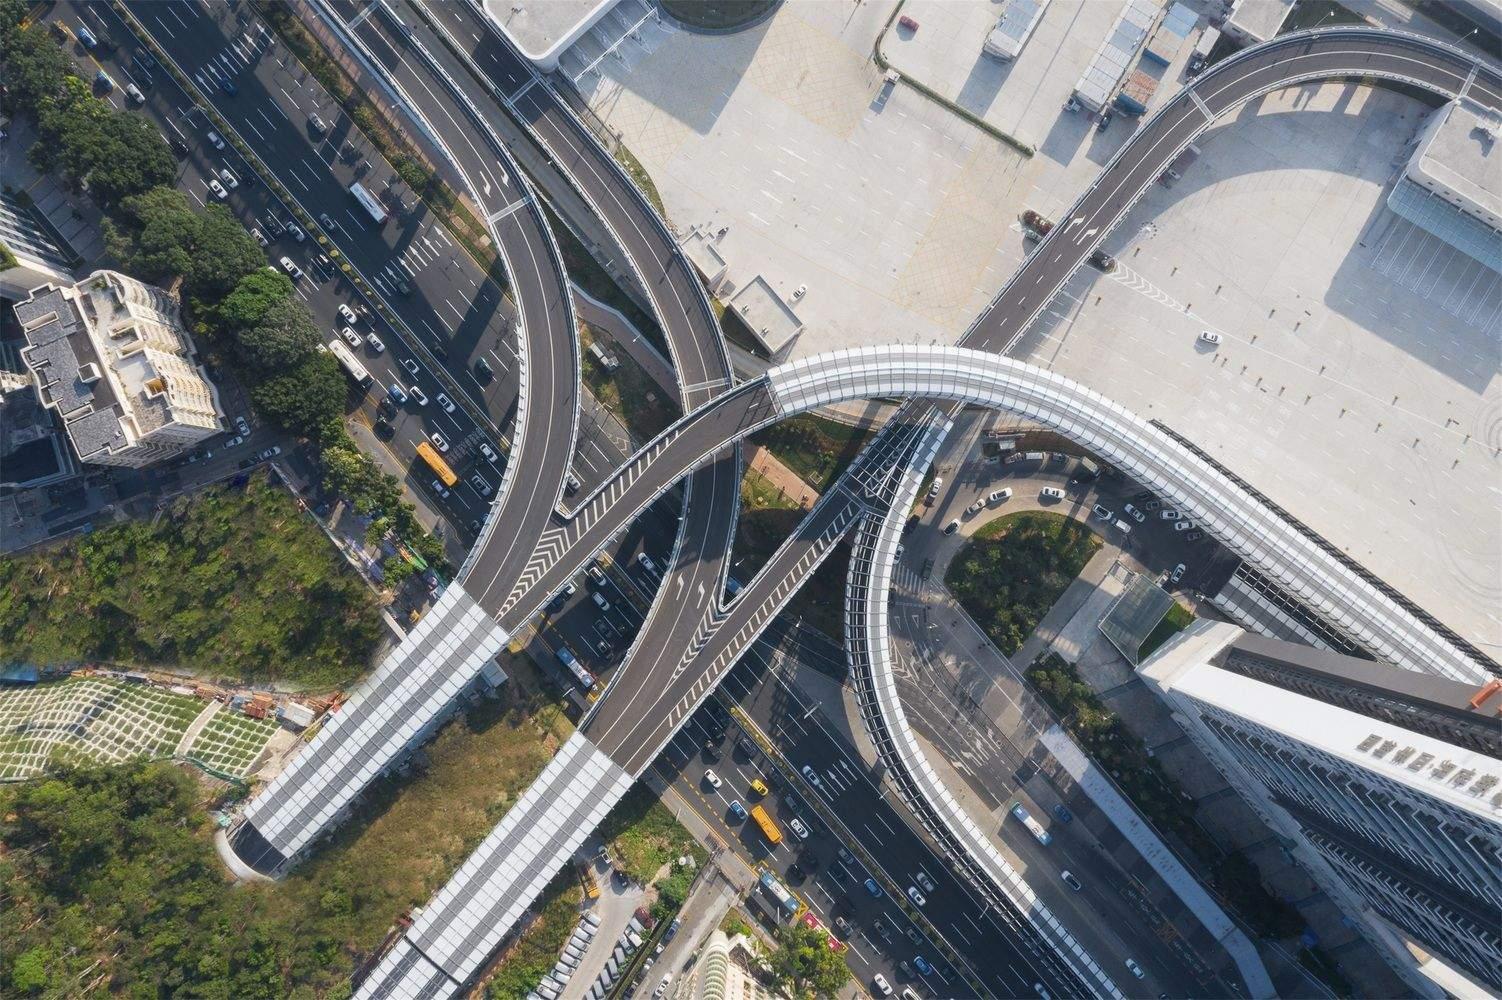 План порту вже затвердили на найвищому рівні / Фото Archdaily